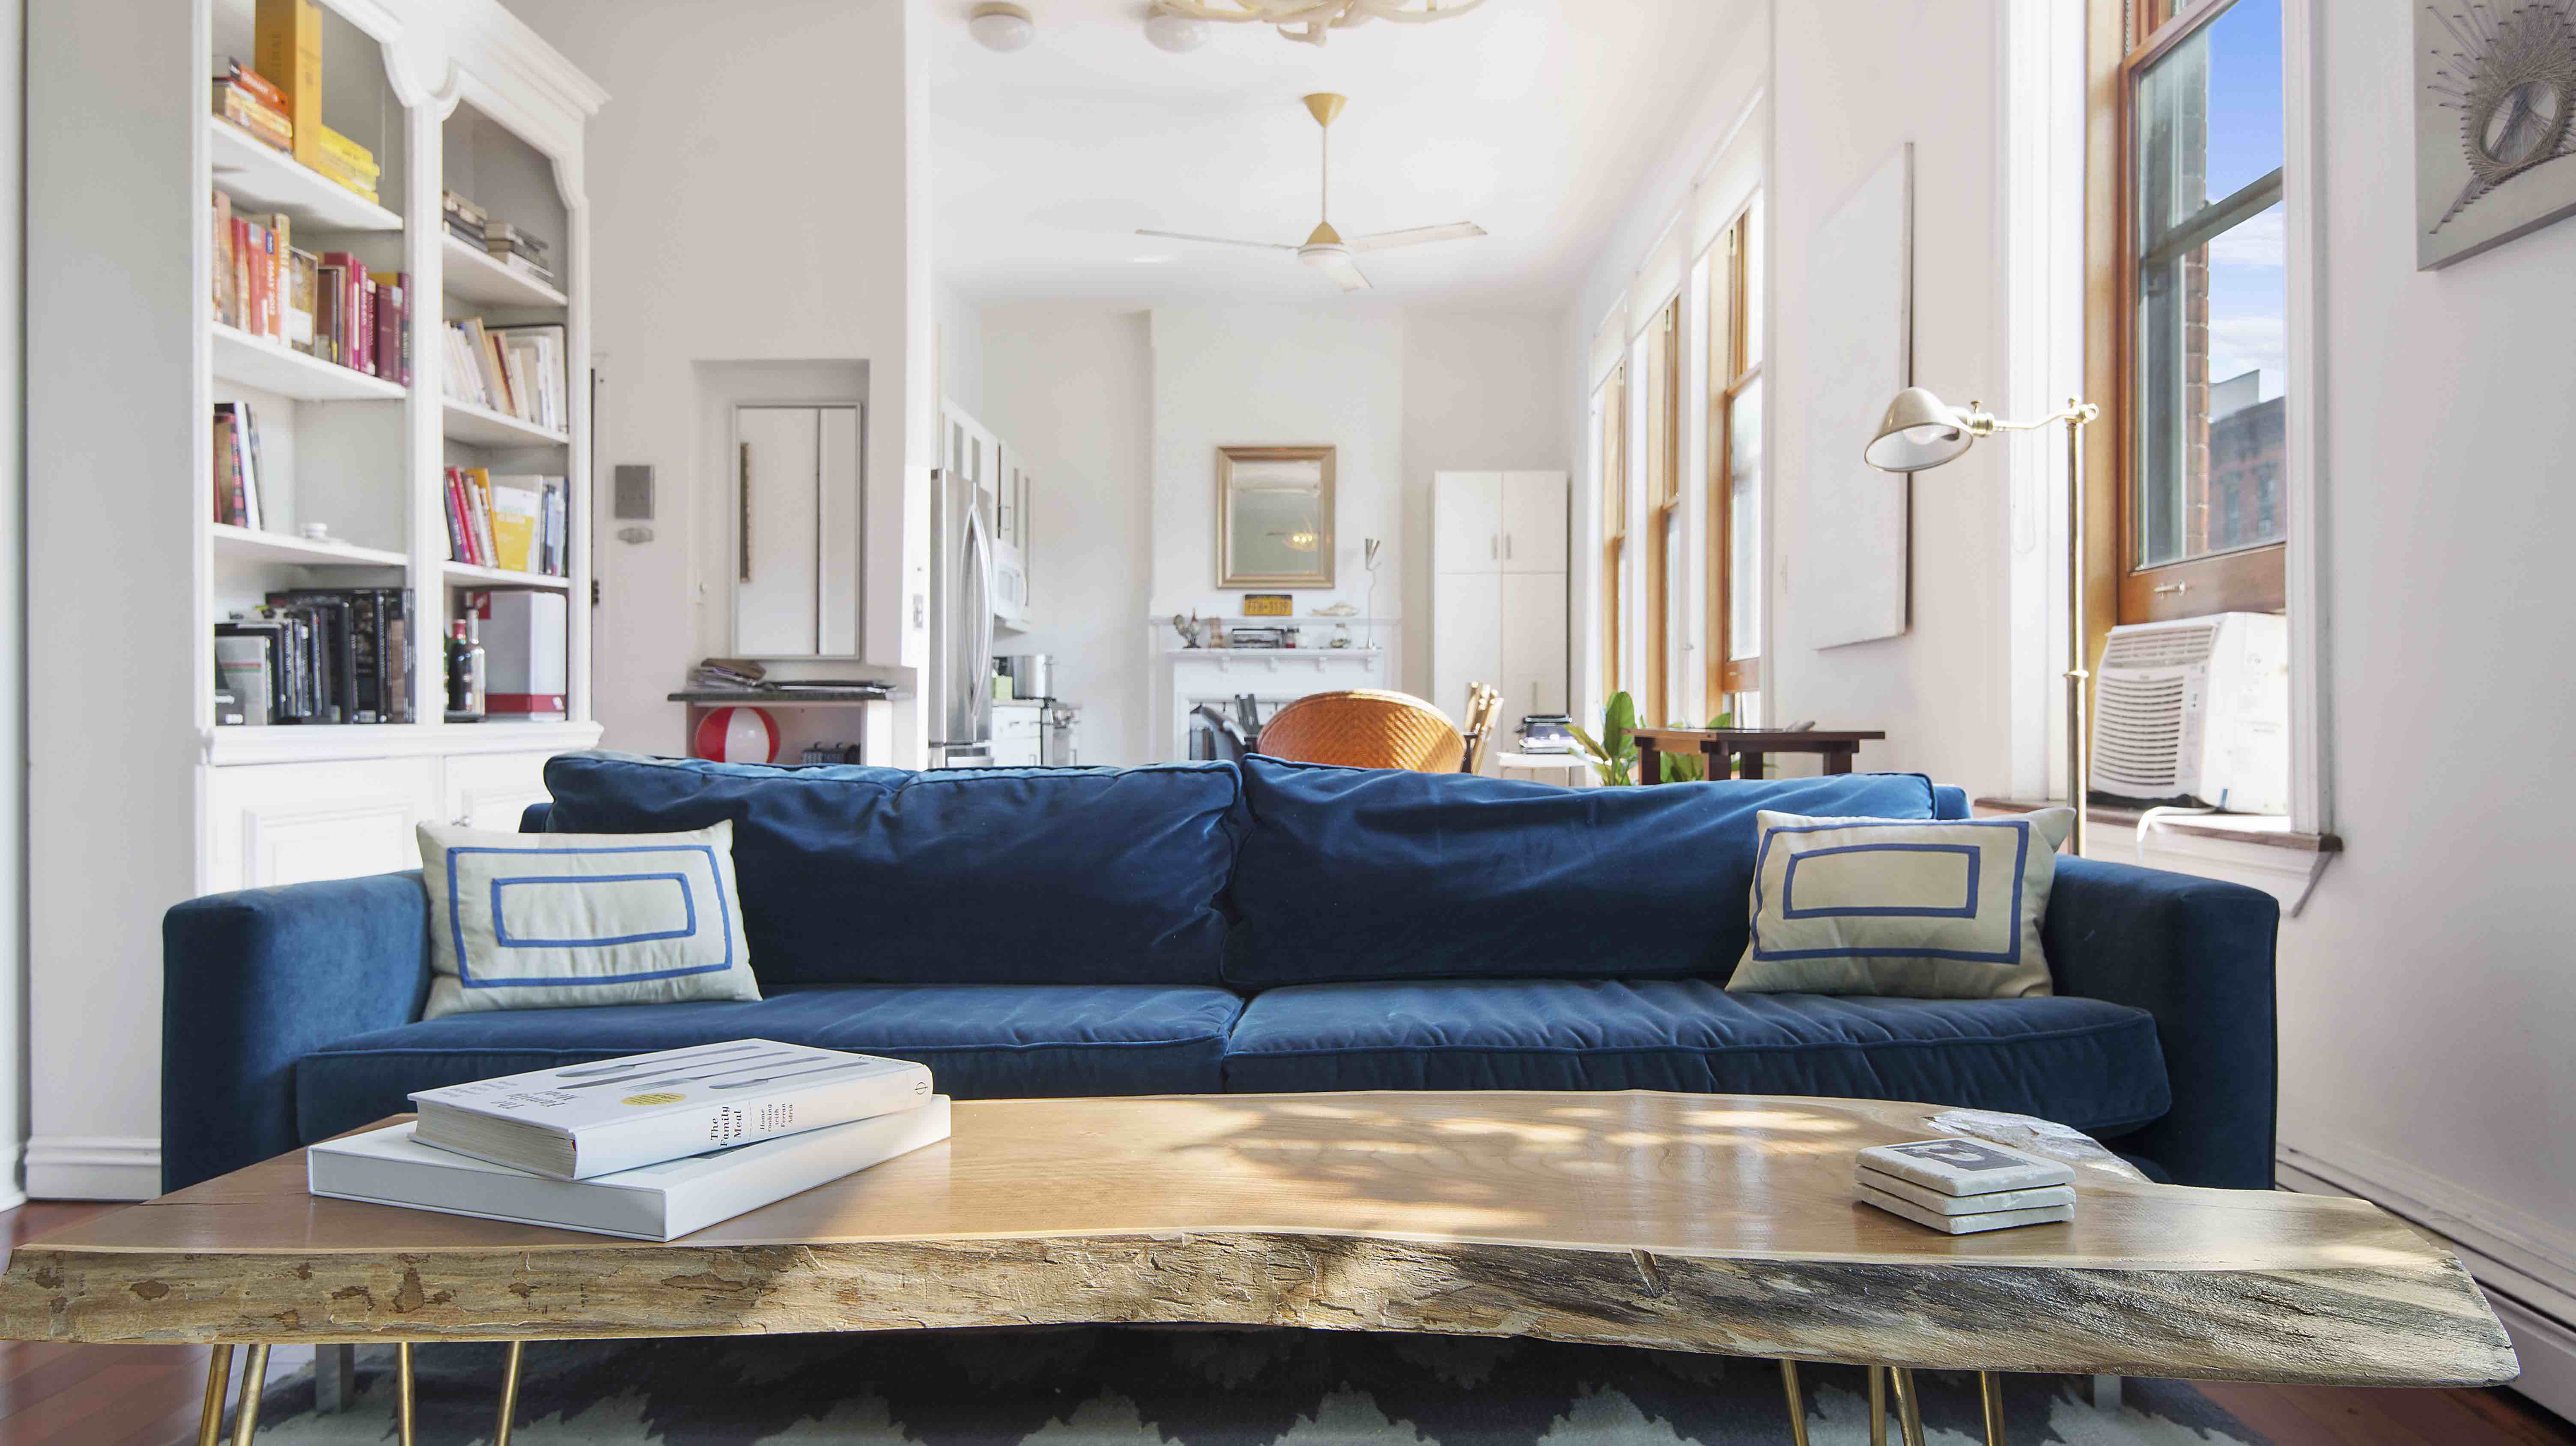 DilBest Of: Effortlessly Cool Living RoomsLR11